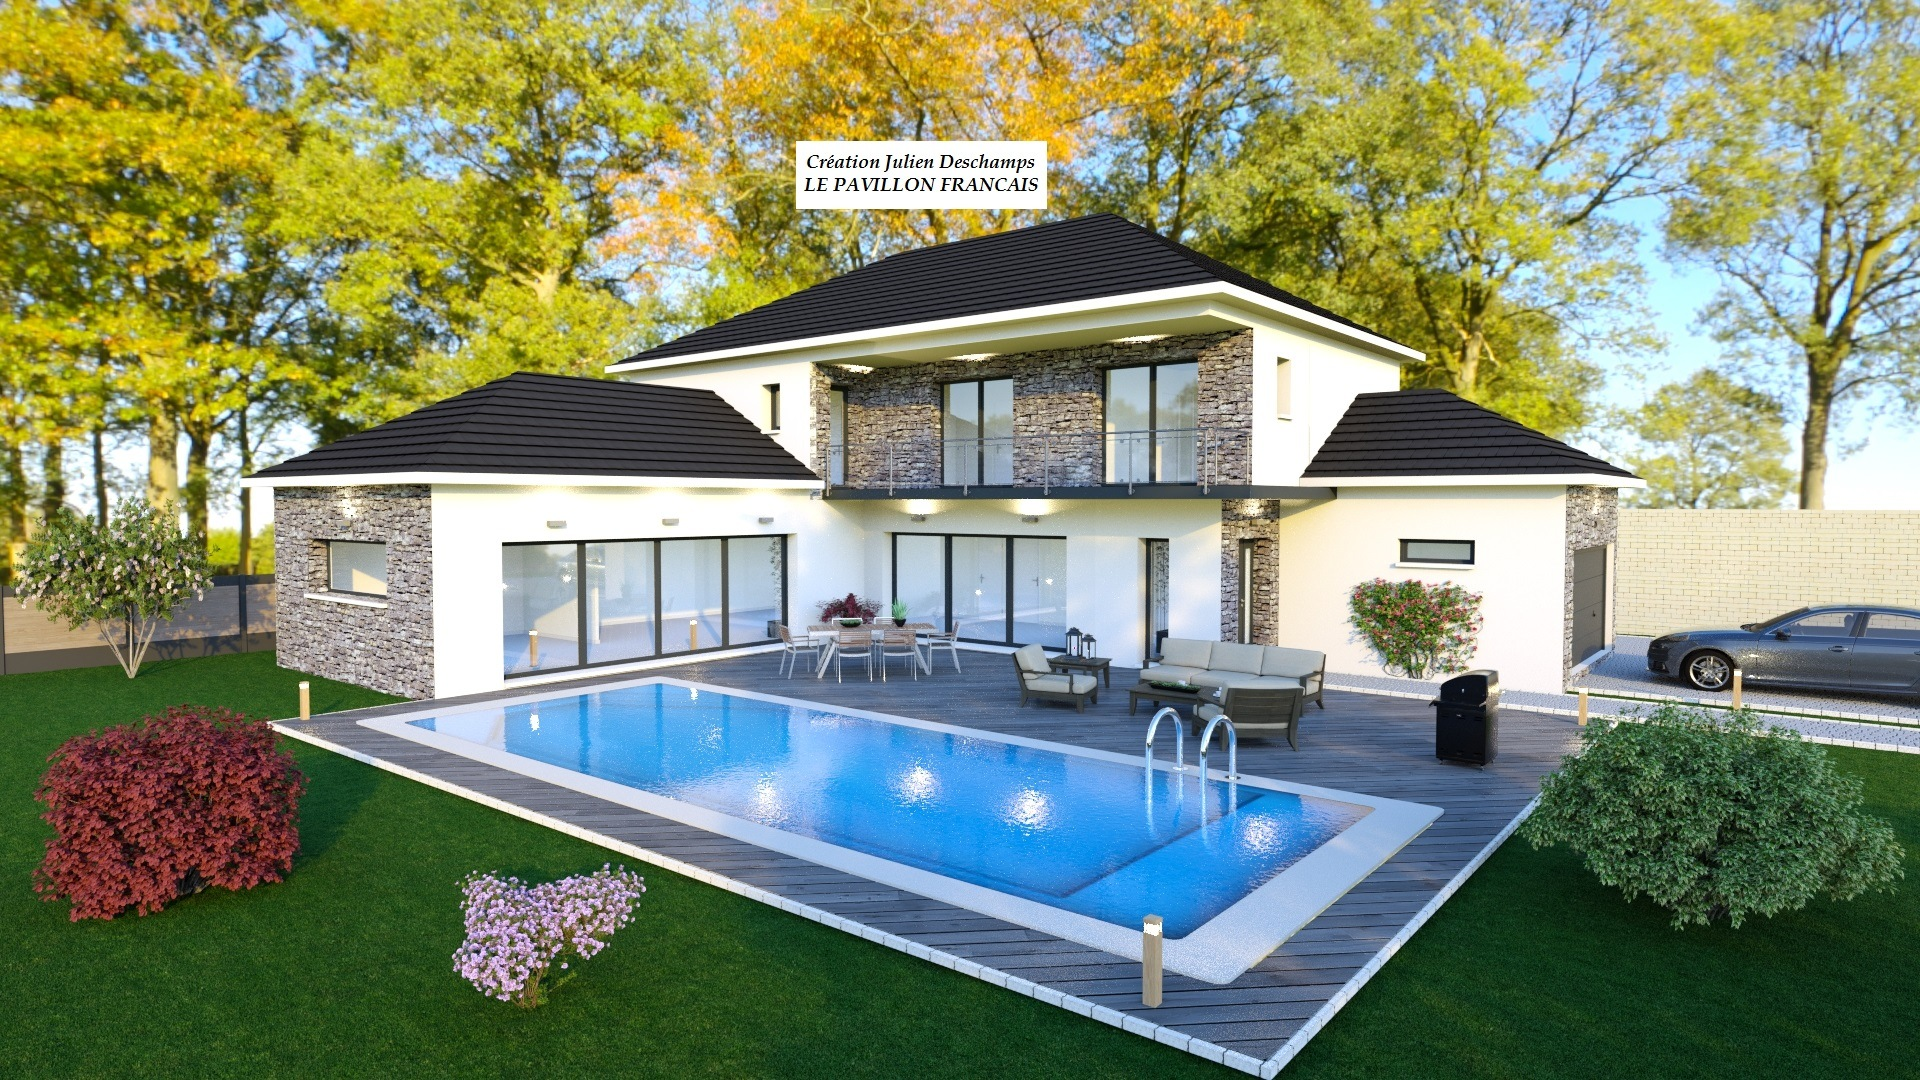 Maisons + Terrains du constructeur LE PAVILLON FRANCAIS • 220 m² • MAUREPAS